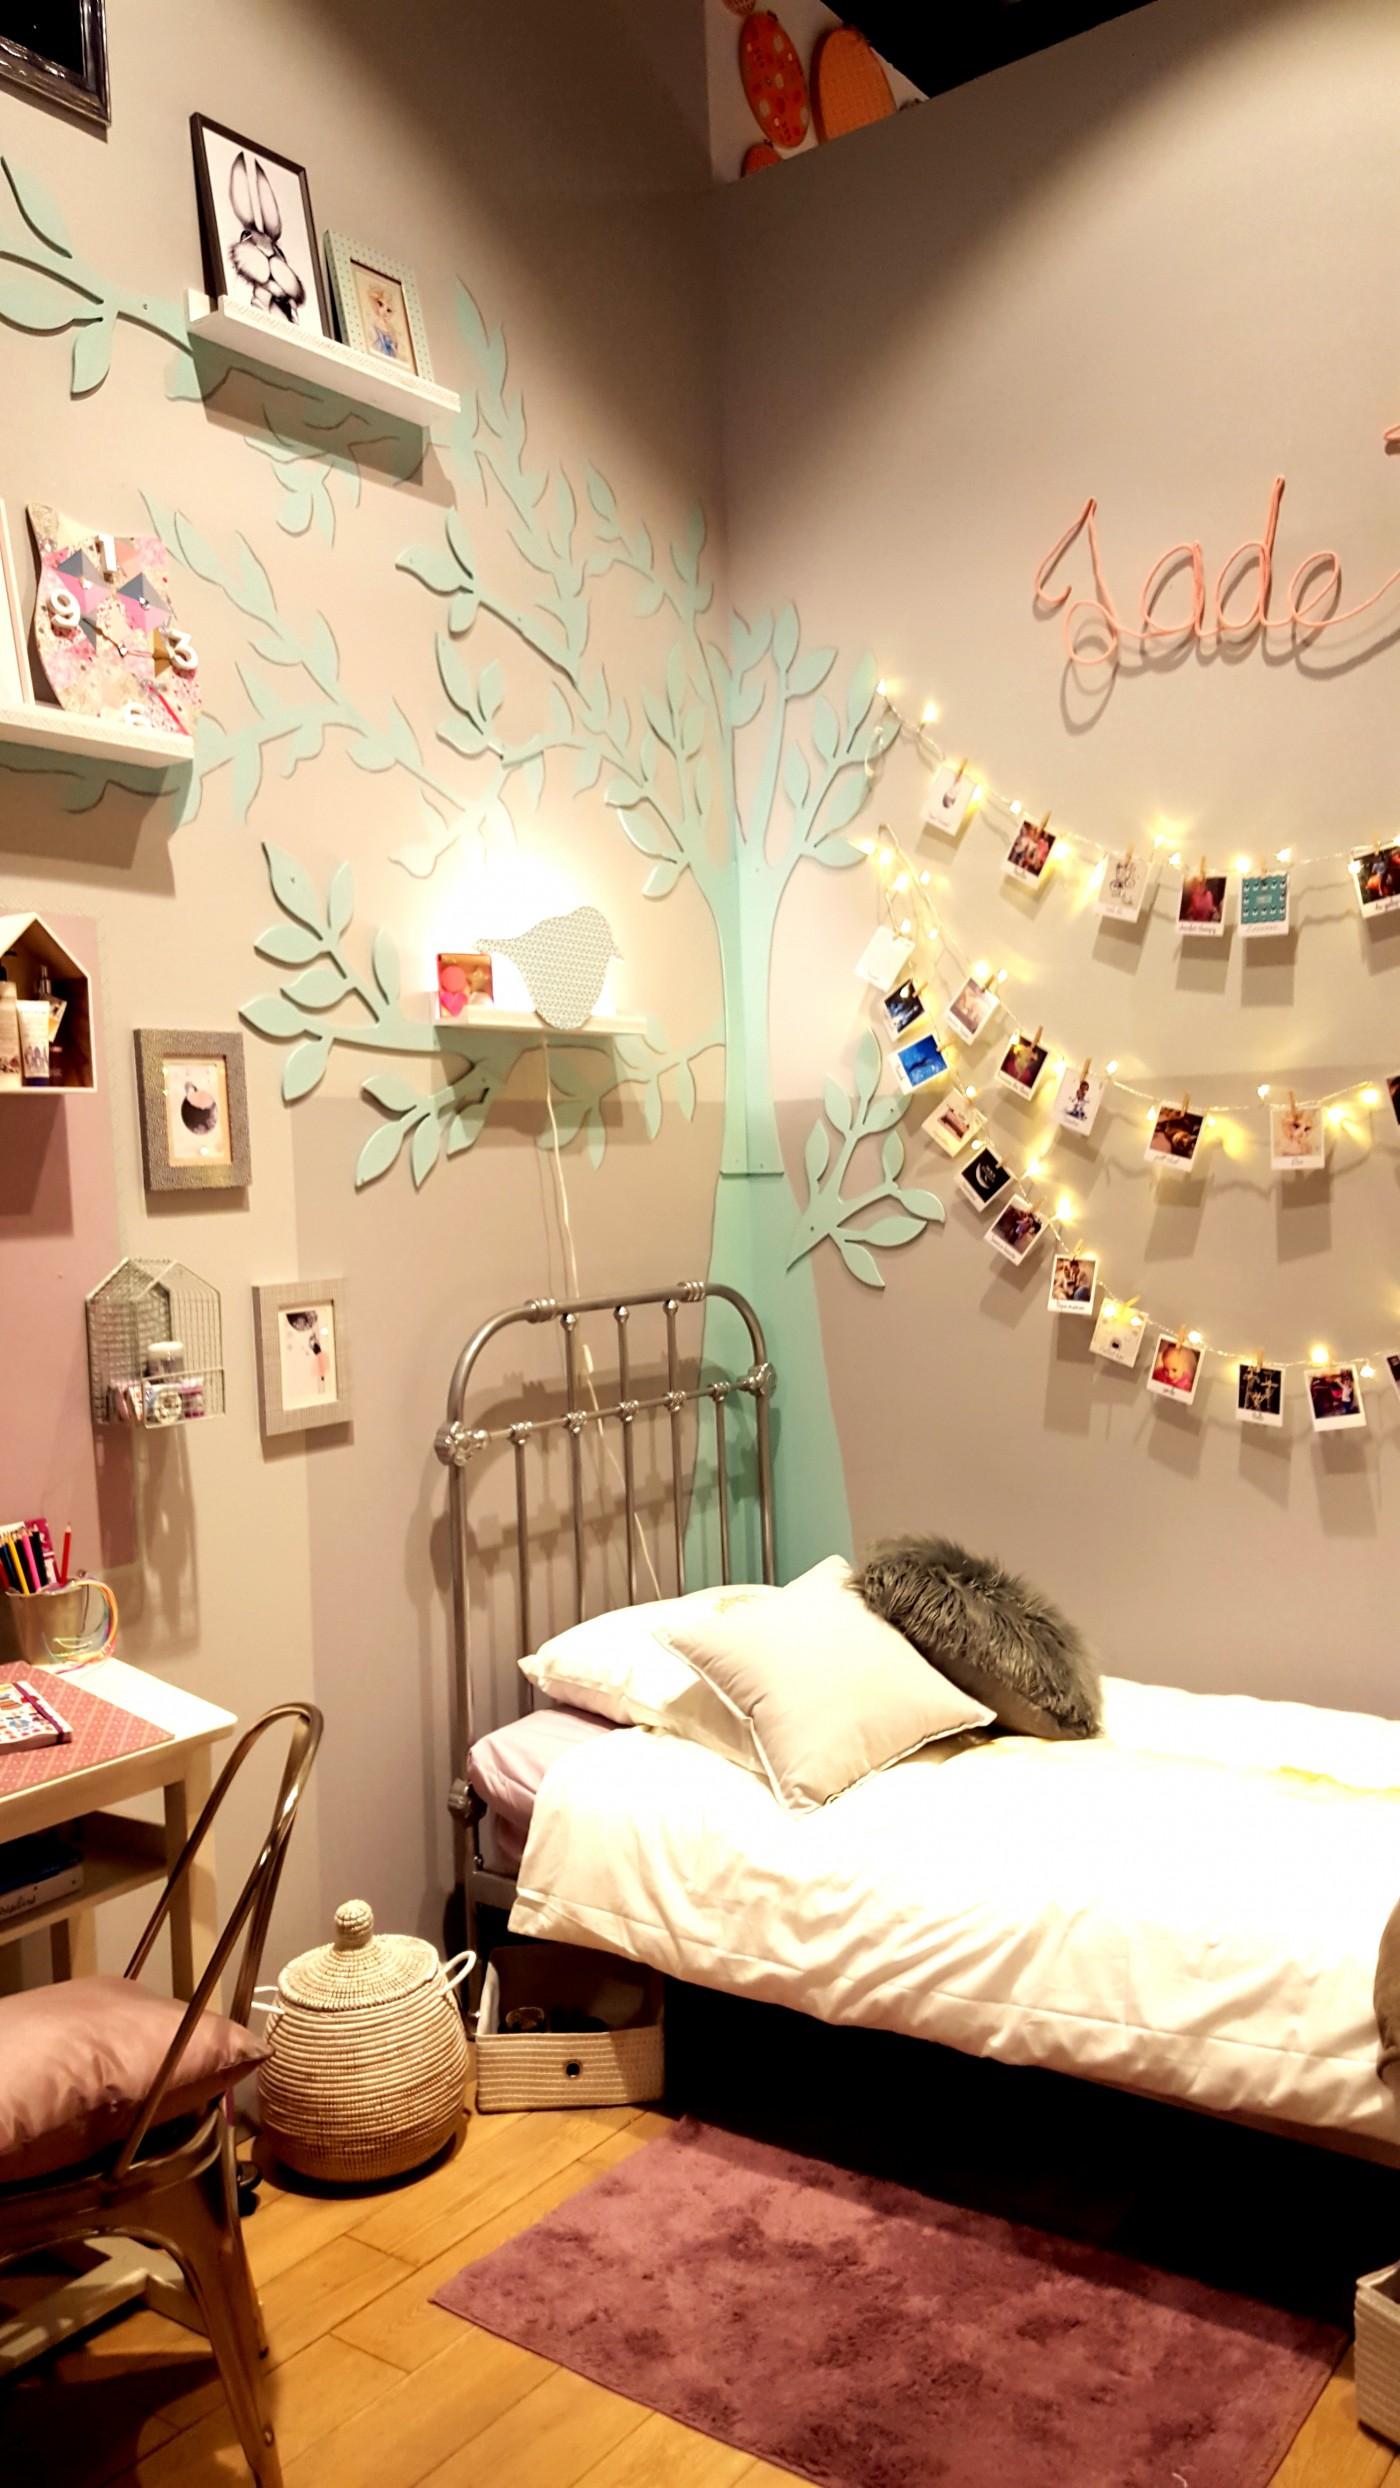 Une nouvelle chambre de petite fille dans votre maison chez Zodio Blog Zôdio